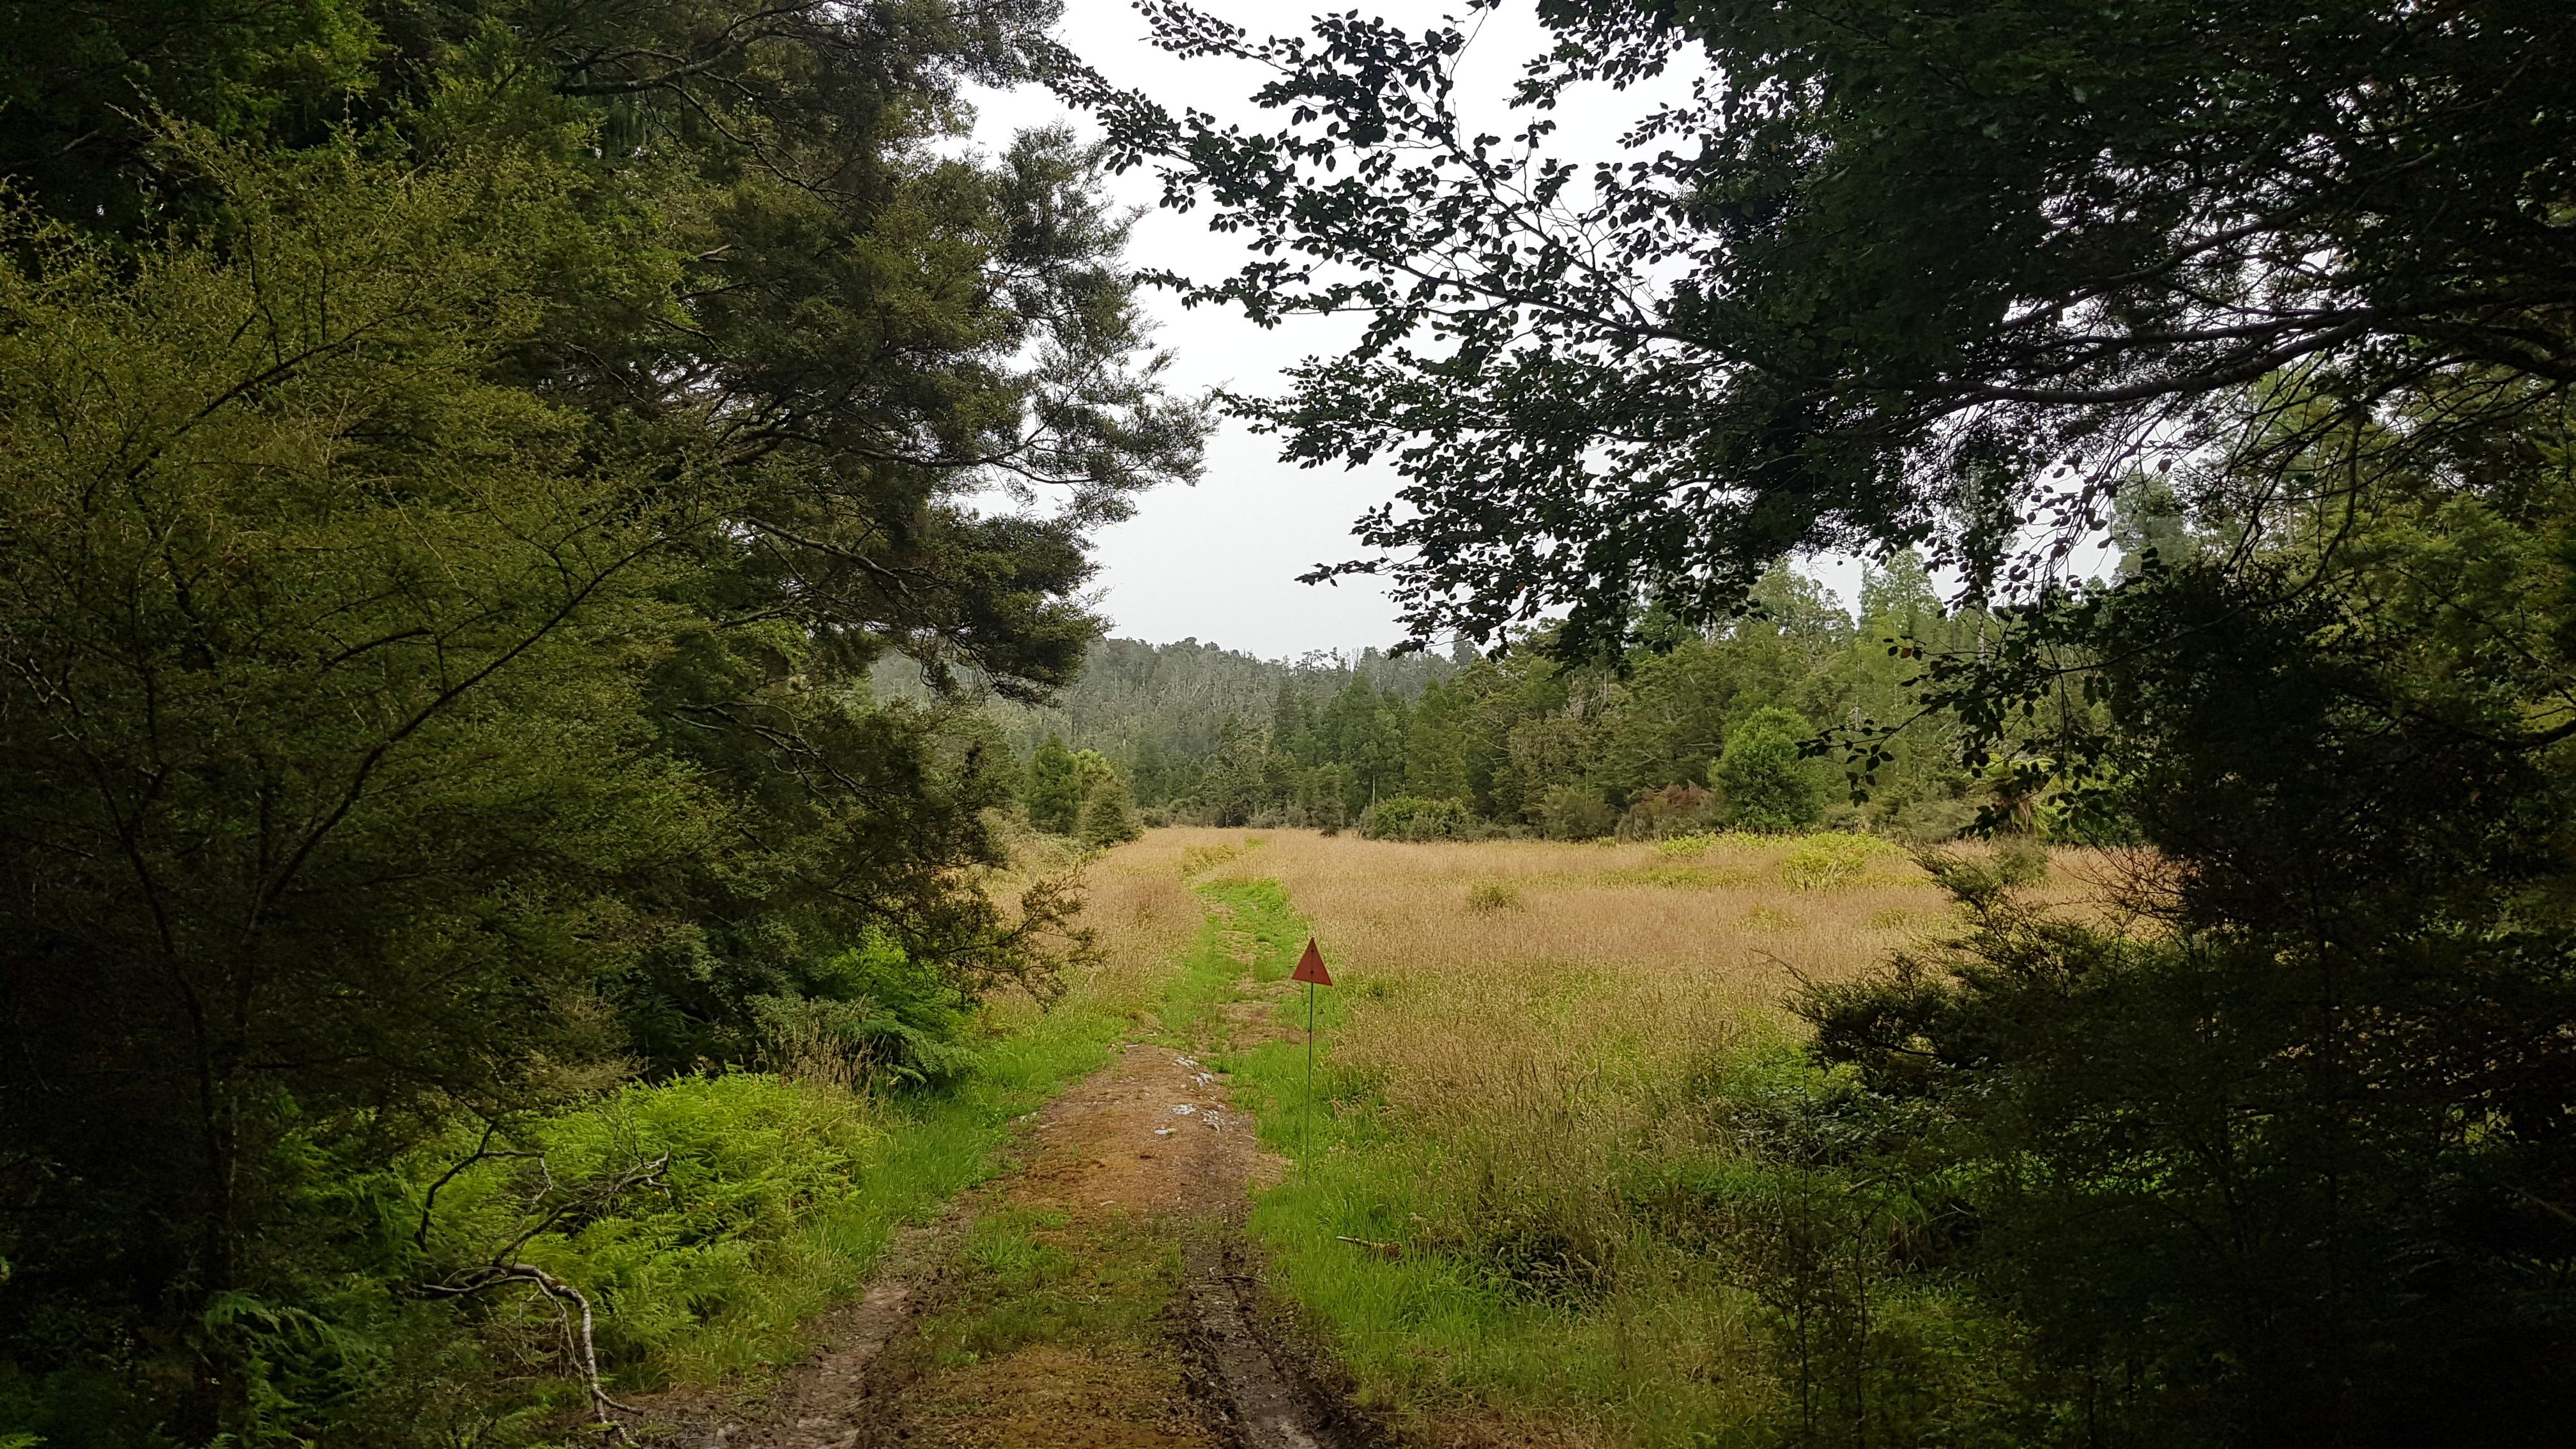 Almost at Bullock Creek